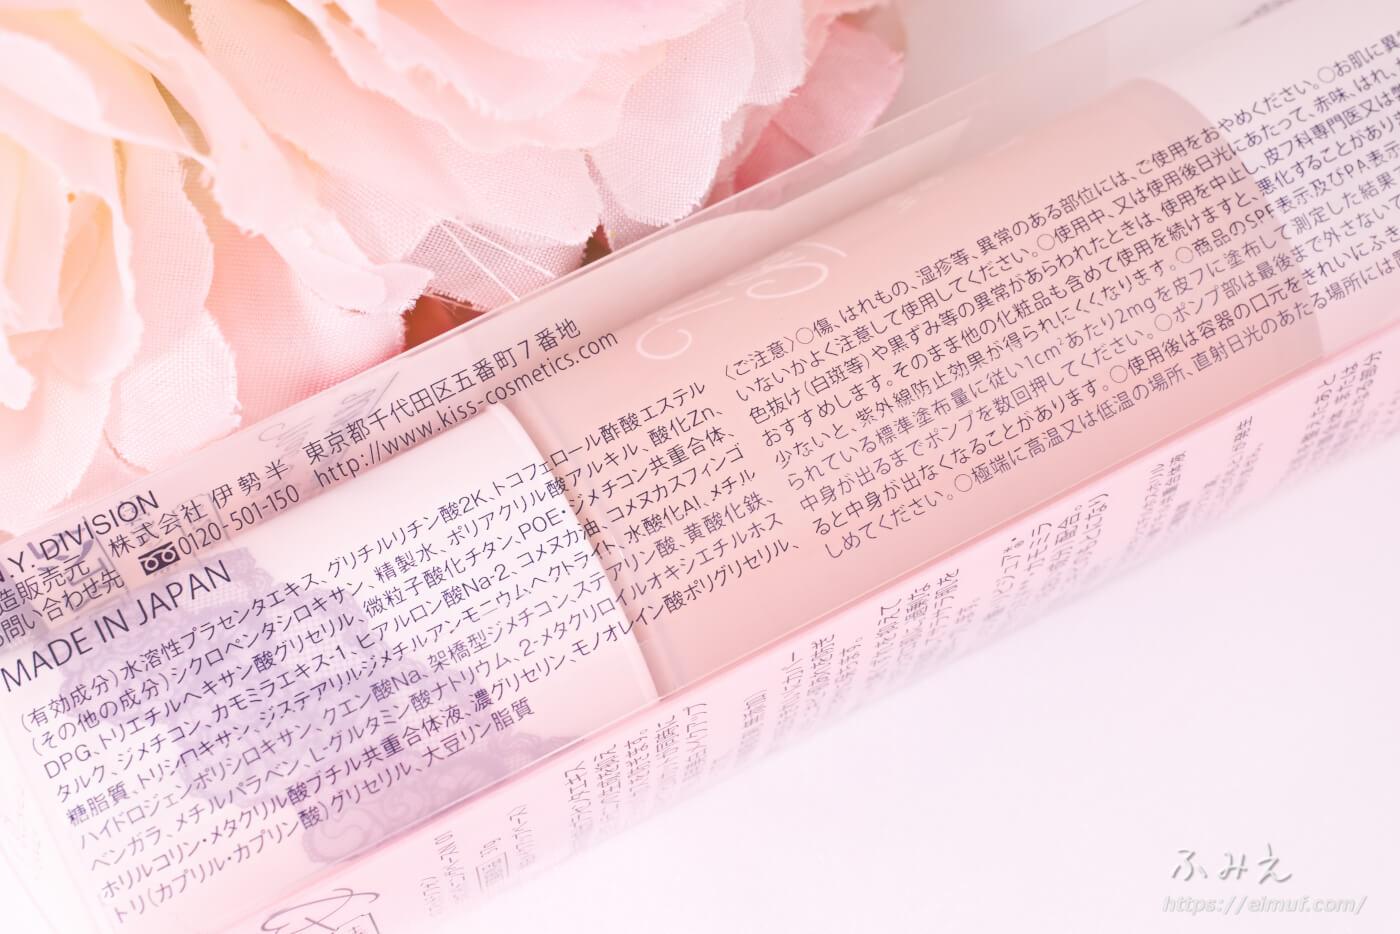 キス / マットシフォン UVホワイトニングベースN #01(Light) の外箱側面